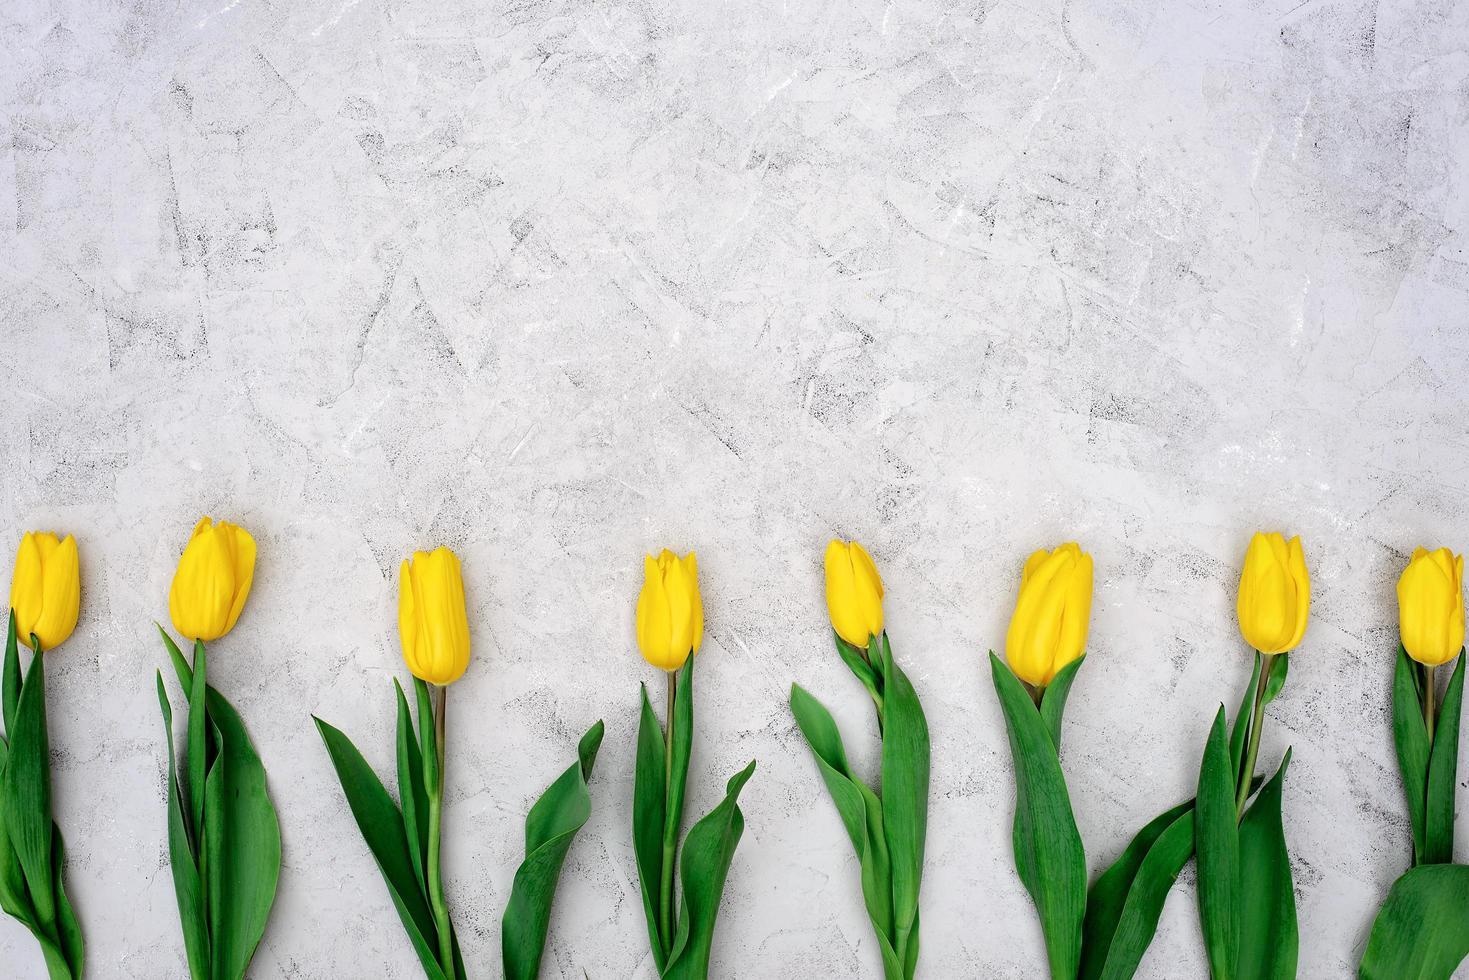 en rad med gula vårtulpanblommor på en ljus stenbakgrund. platt låg. kopiera utrymme. mors dag. internationella kvinnodagen. foto